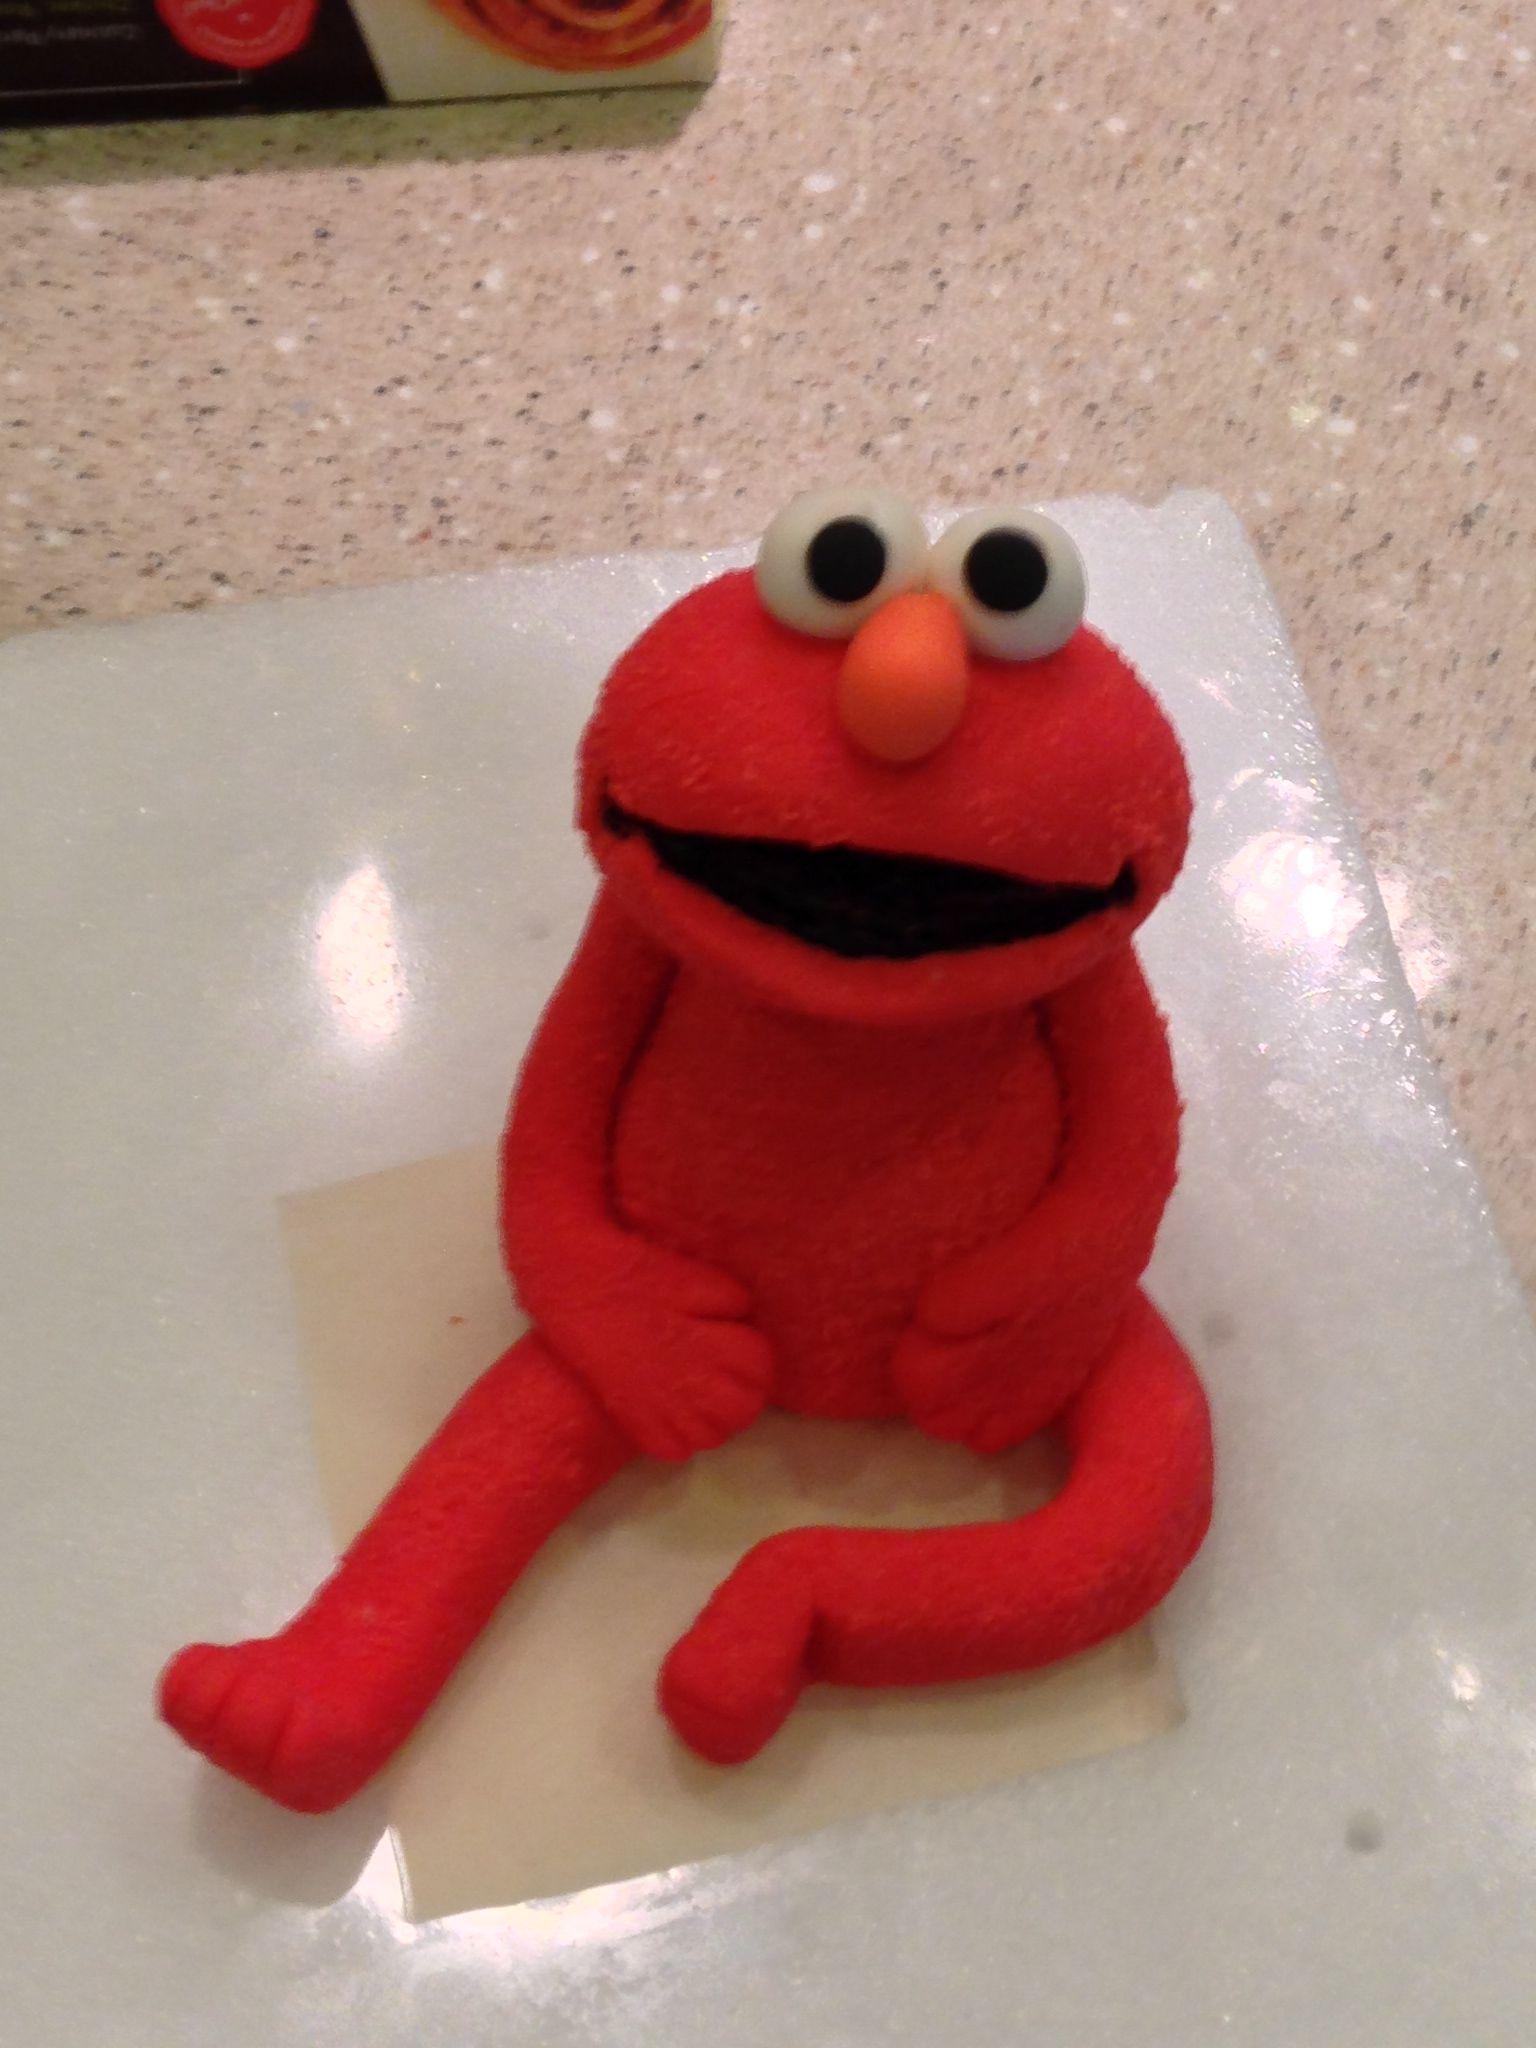 Elmo from sesame street fondant and gum paste cake topper